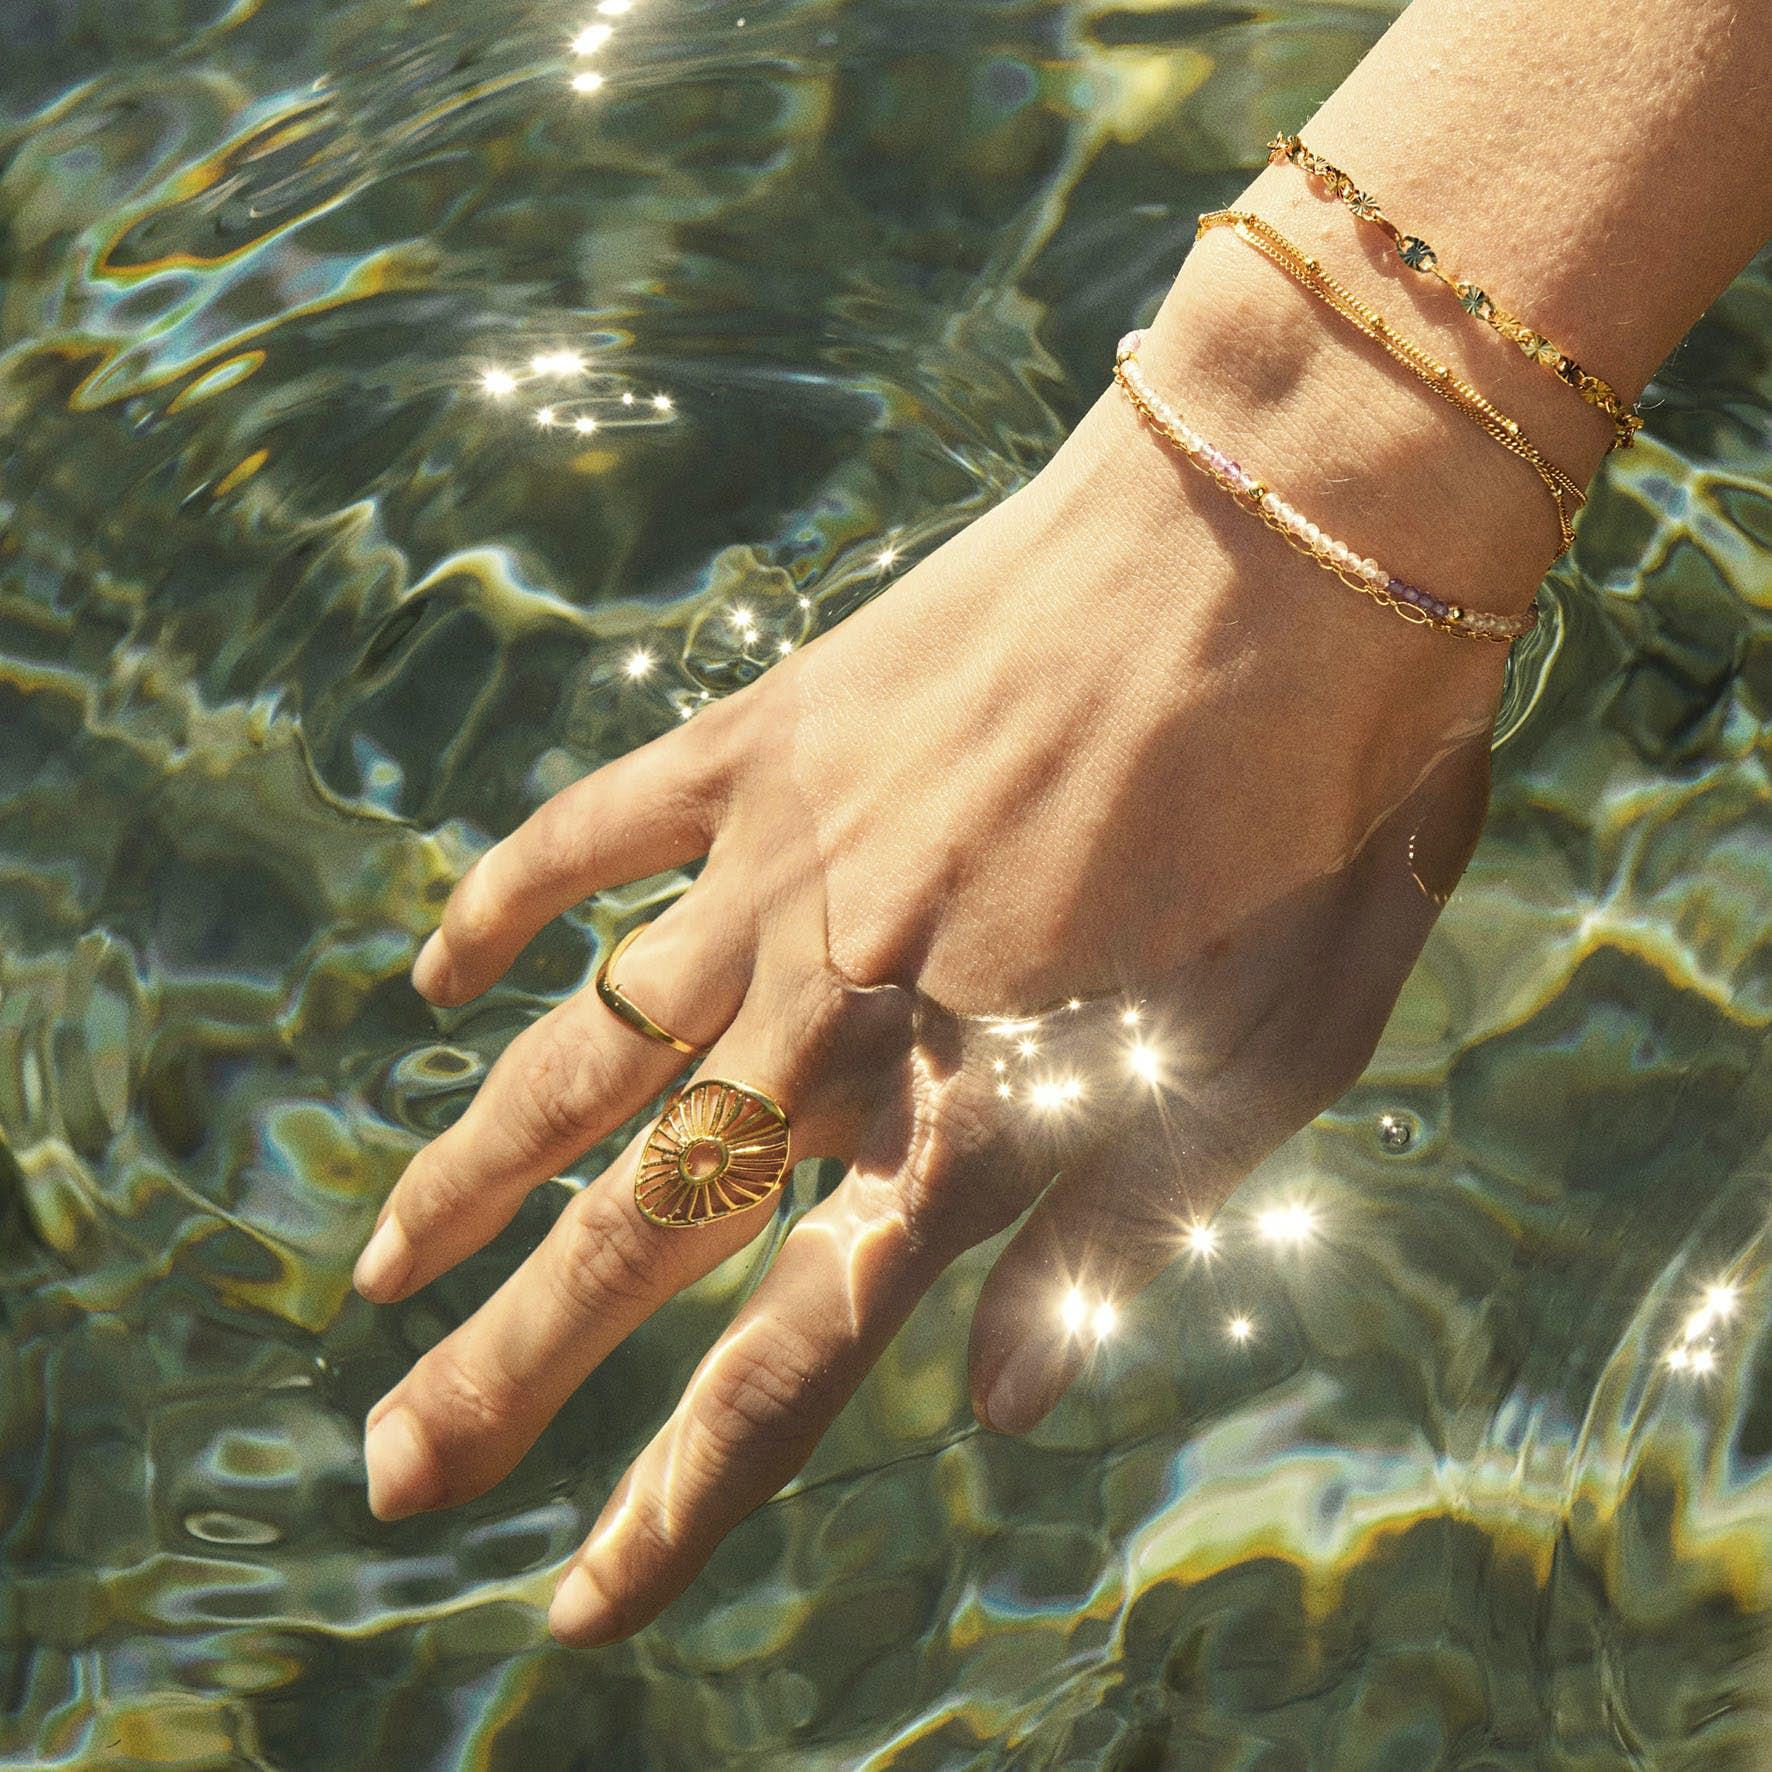 Ocean Stars Bracelet fra Pernille Corydon i Sølv Sterling 925